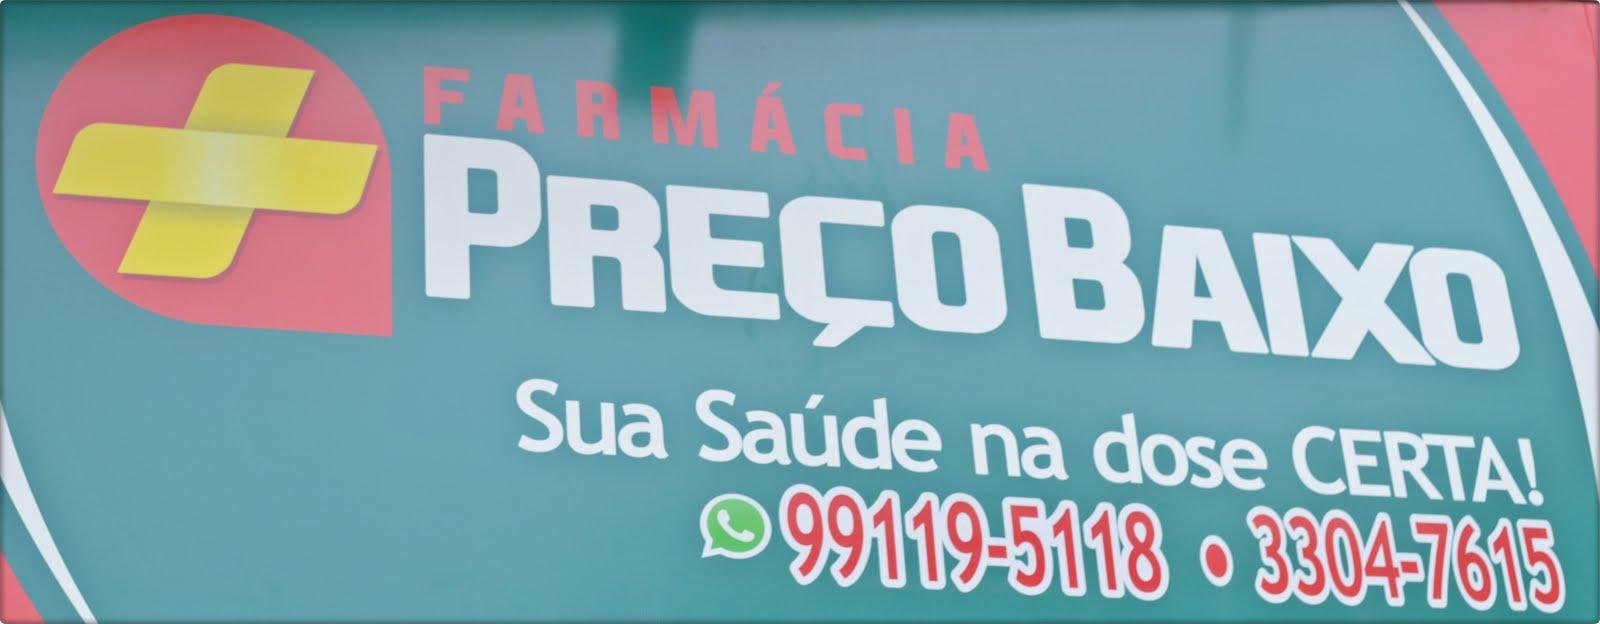 Farmácia Preço Baixo